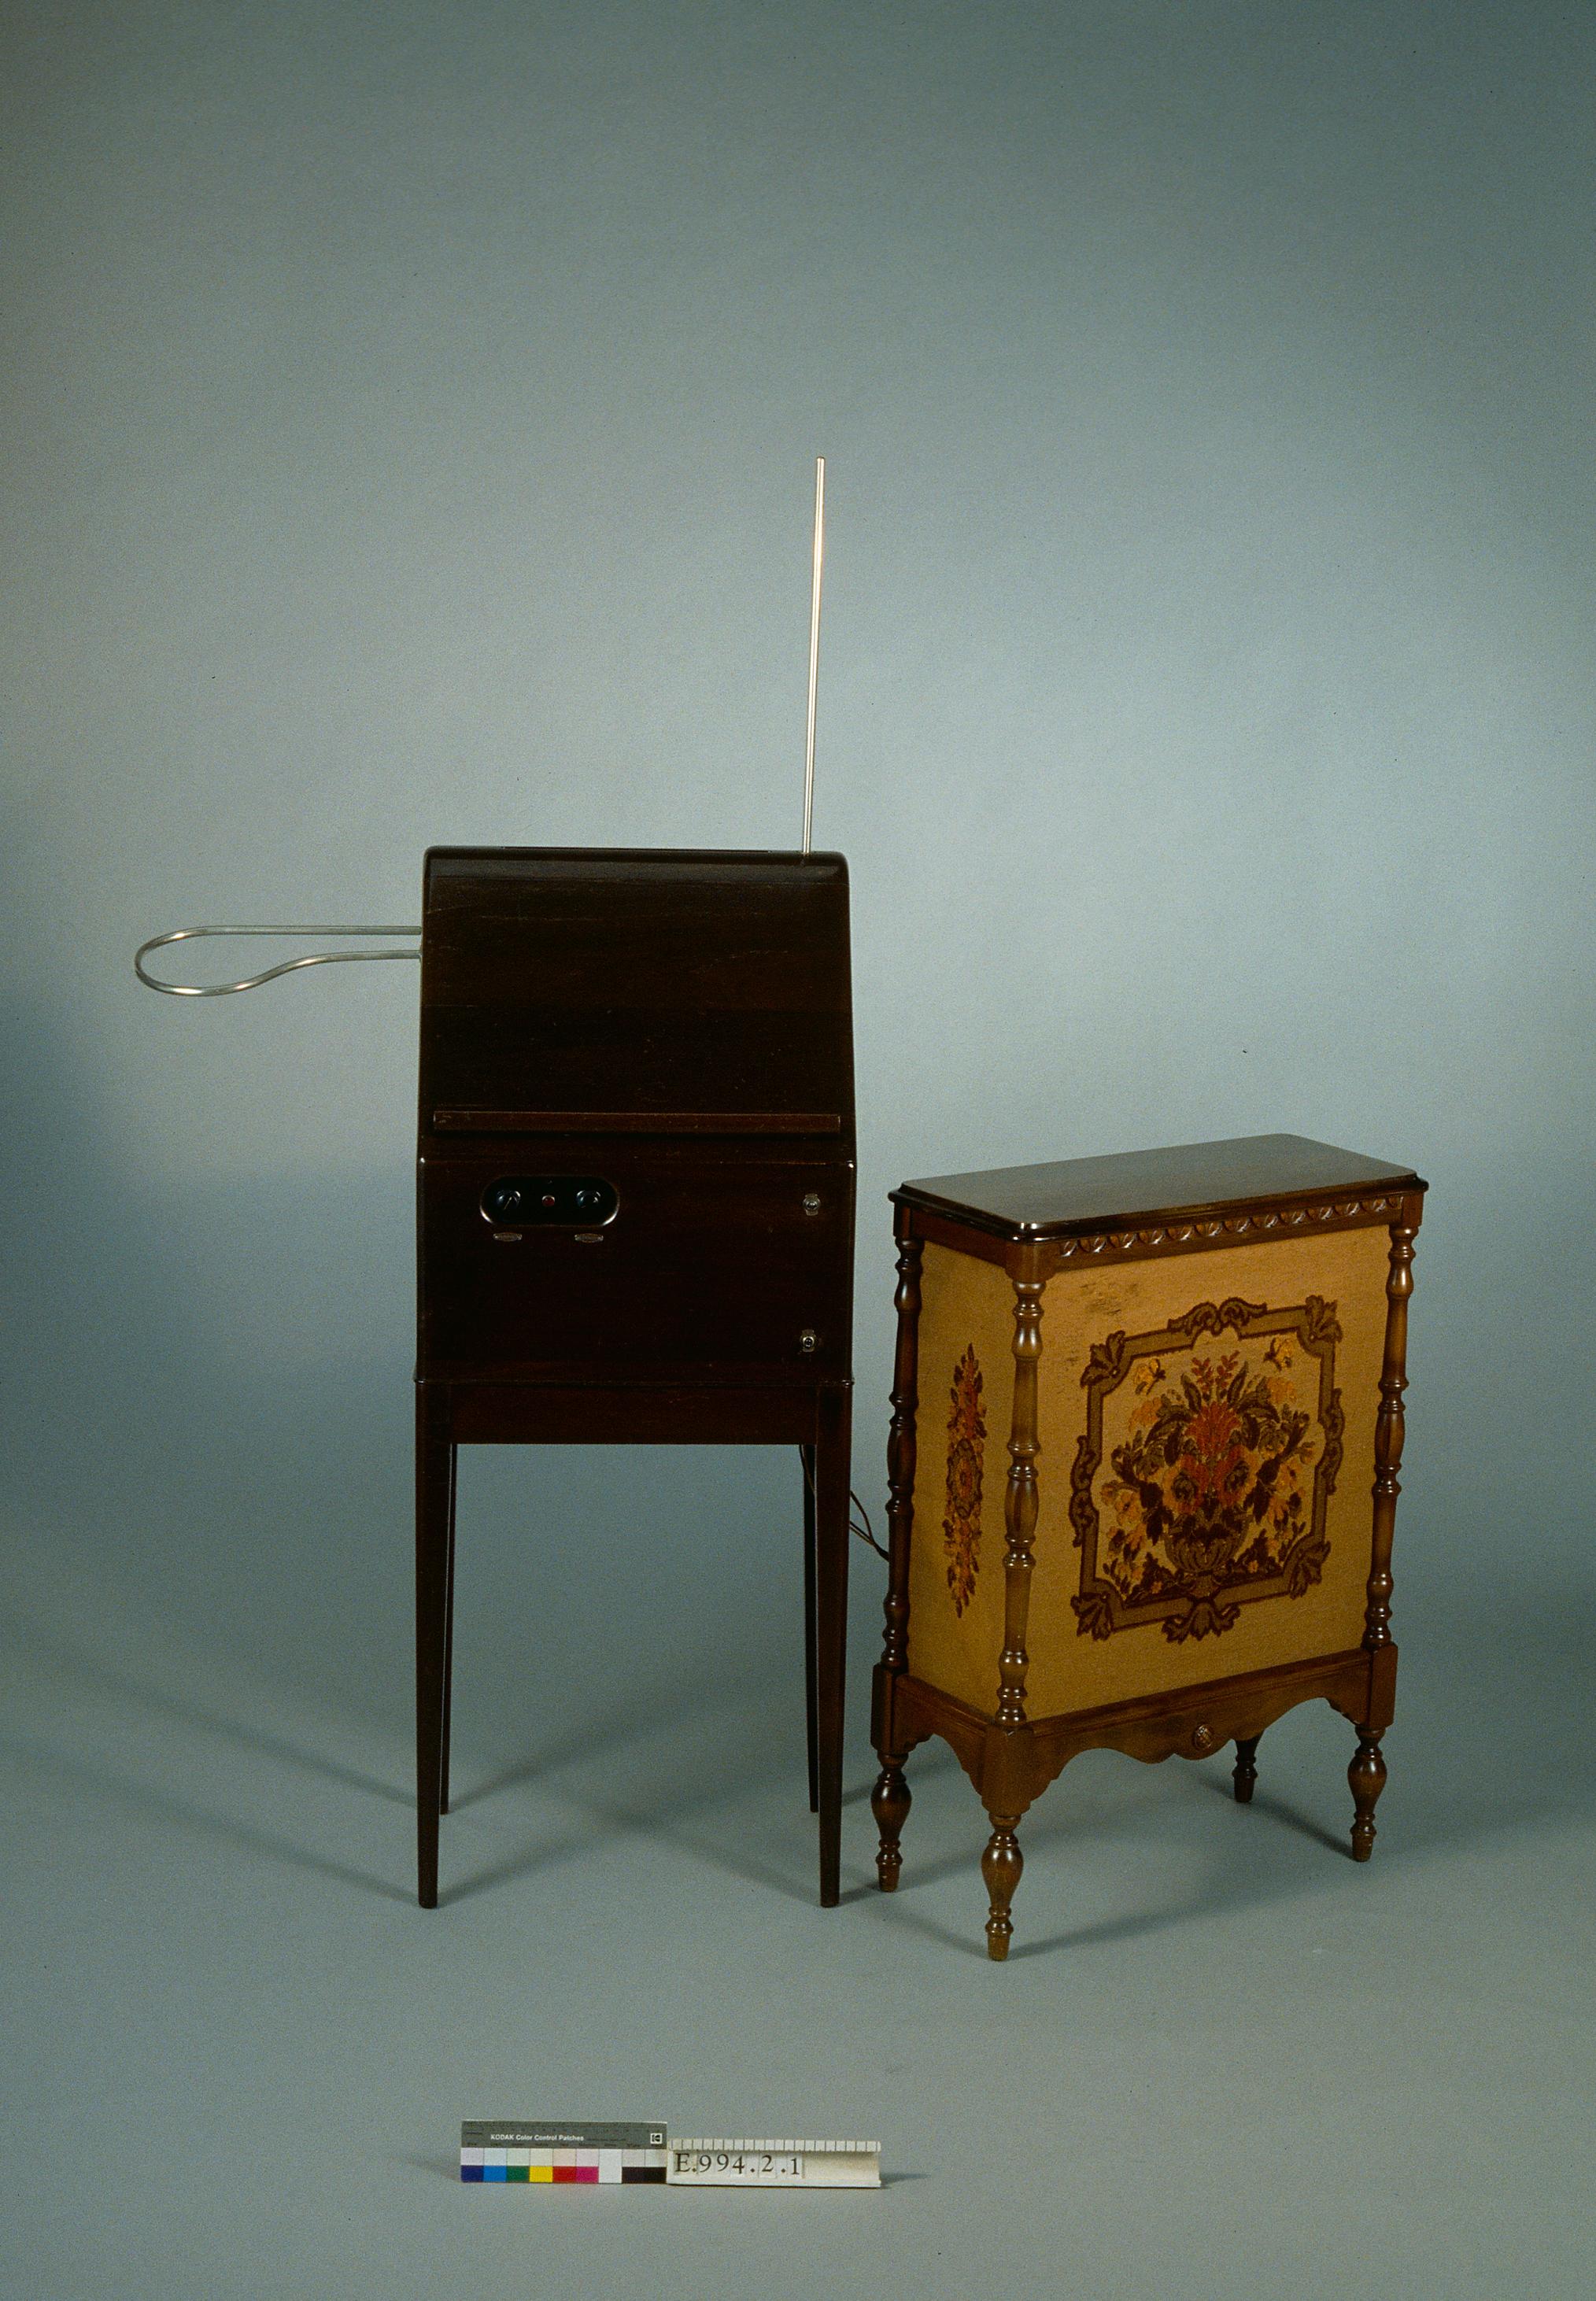 Les incontournables du musée : Theremin, R.C.A  